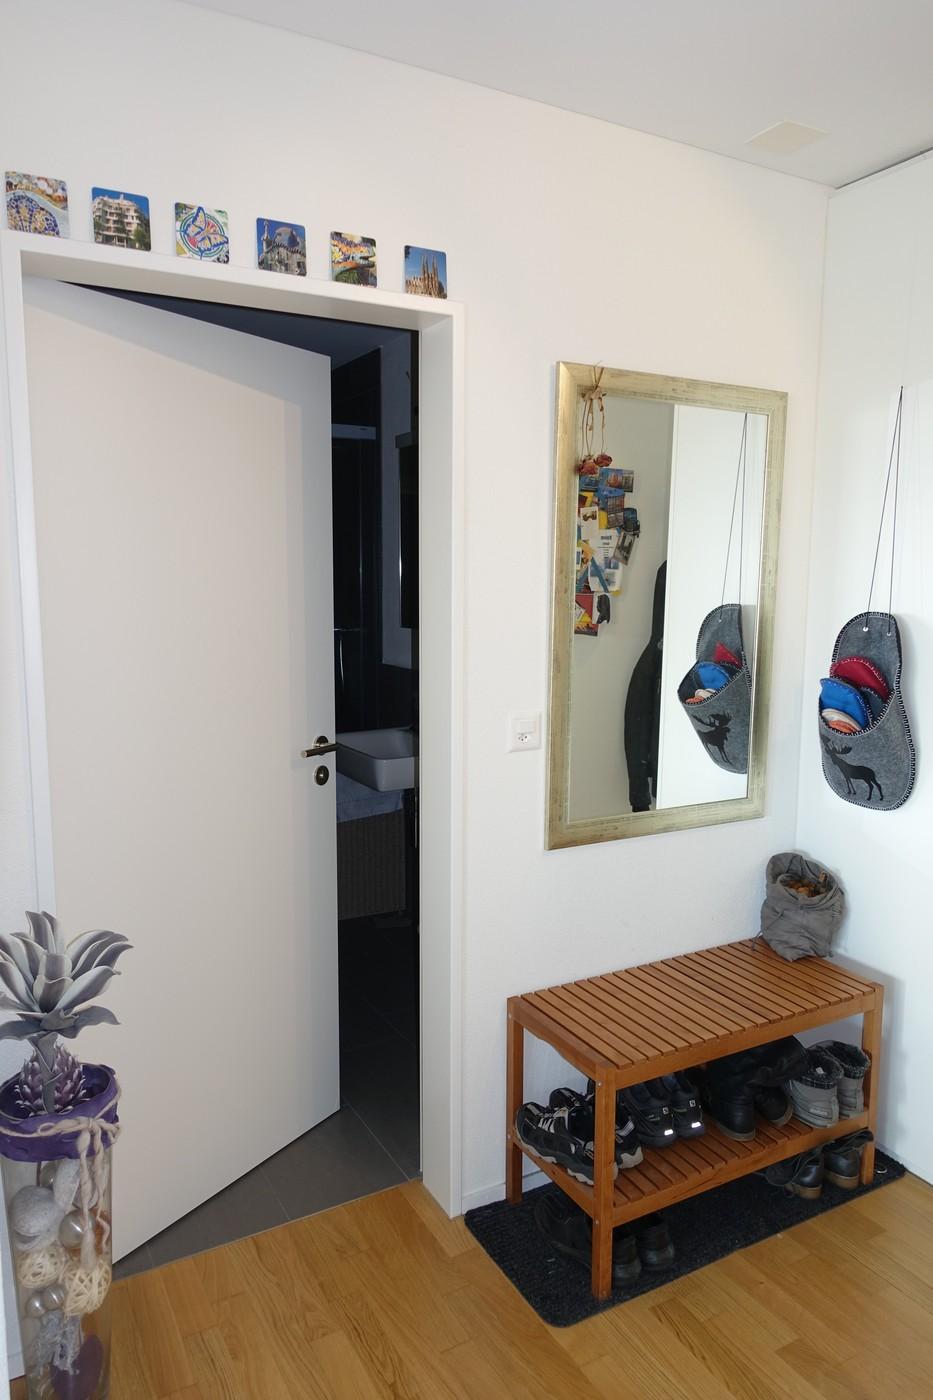 3 zimmer wohnung in st gallen mieten flatfox. Black Bedroom Furniture Sets. Home Design Ideas